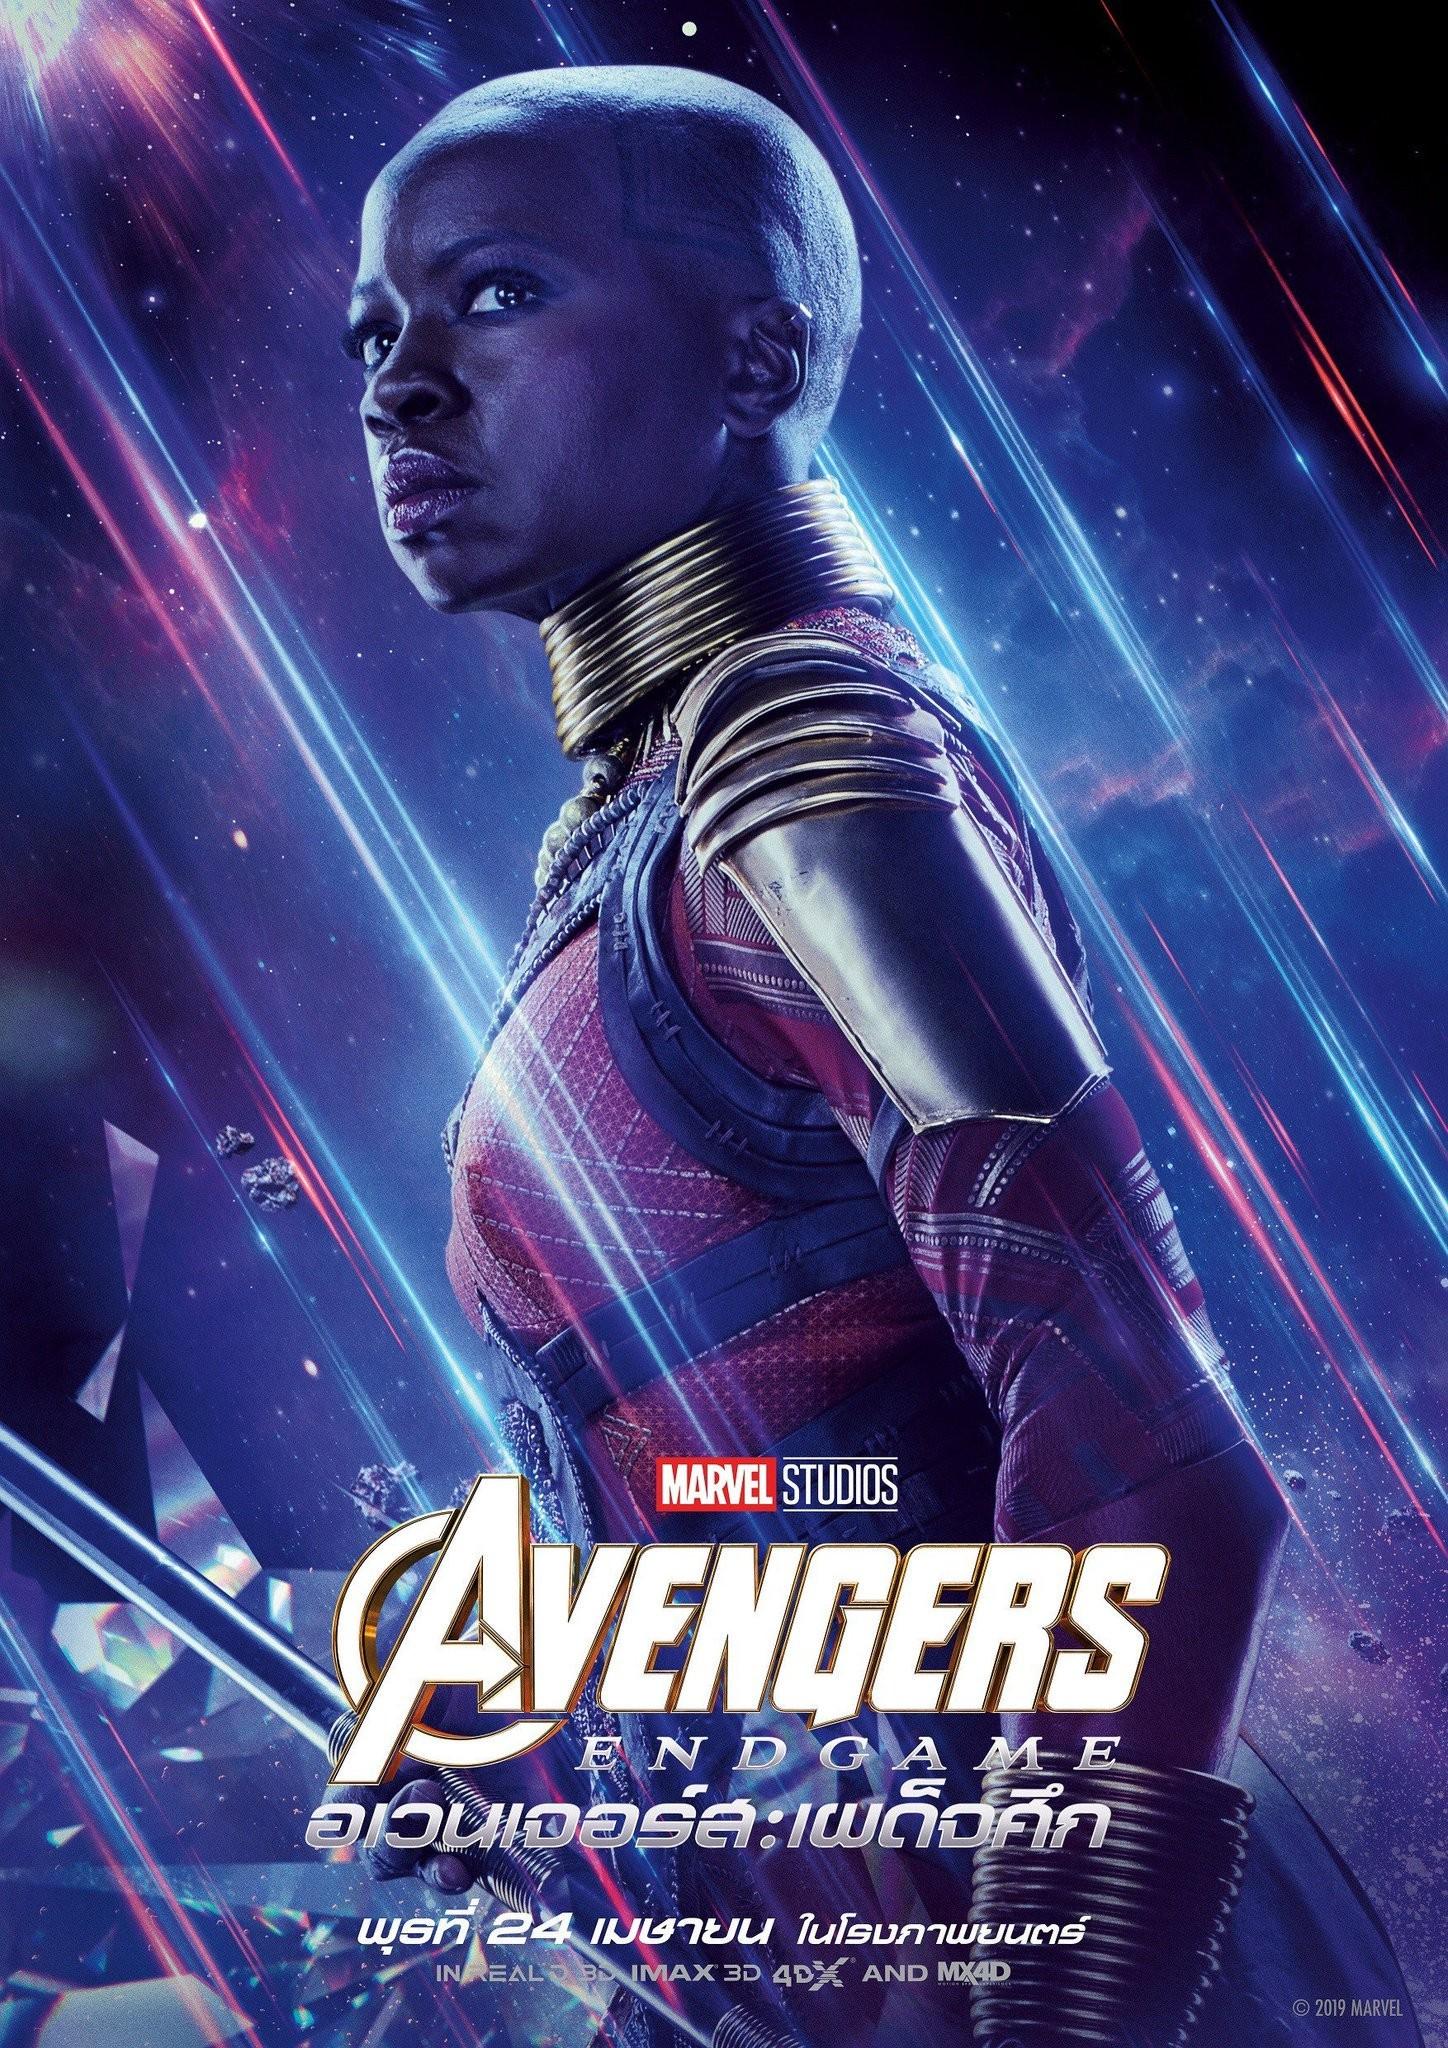 《復仇者聯盟4》12位角色海報公布 黑寡婦顏值高太美了